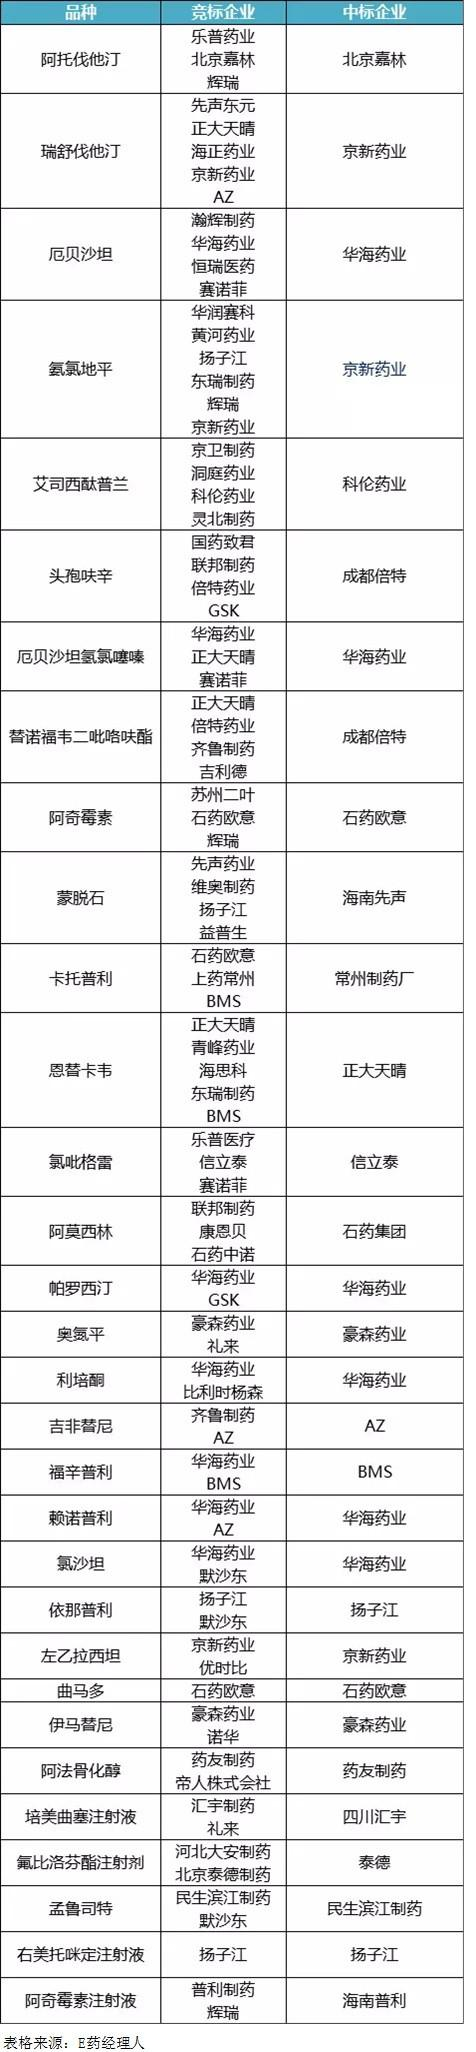 一条消息重创医药股 机构迅速先抛为敬(附股)